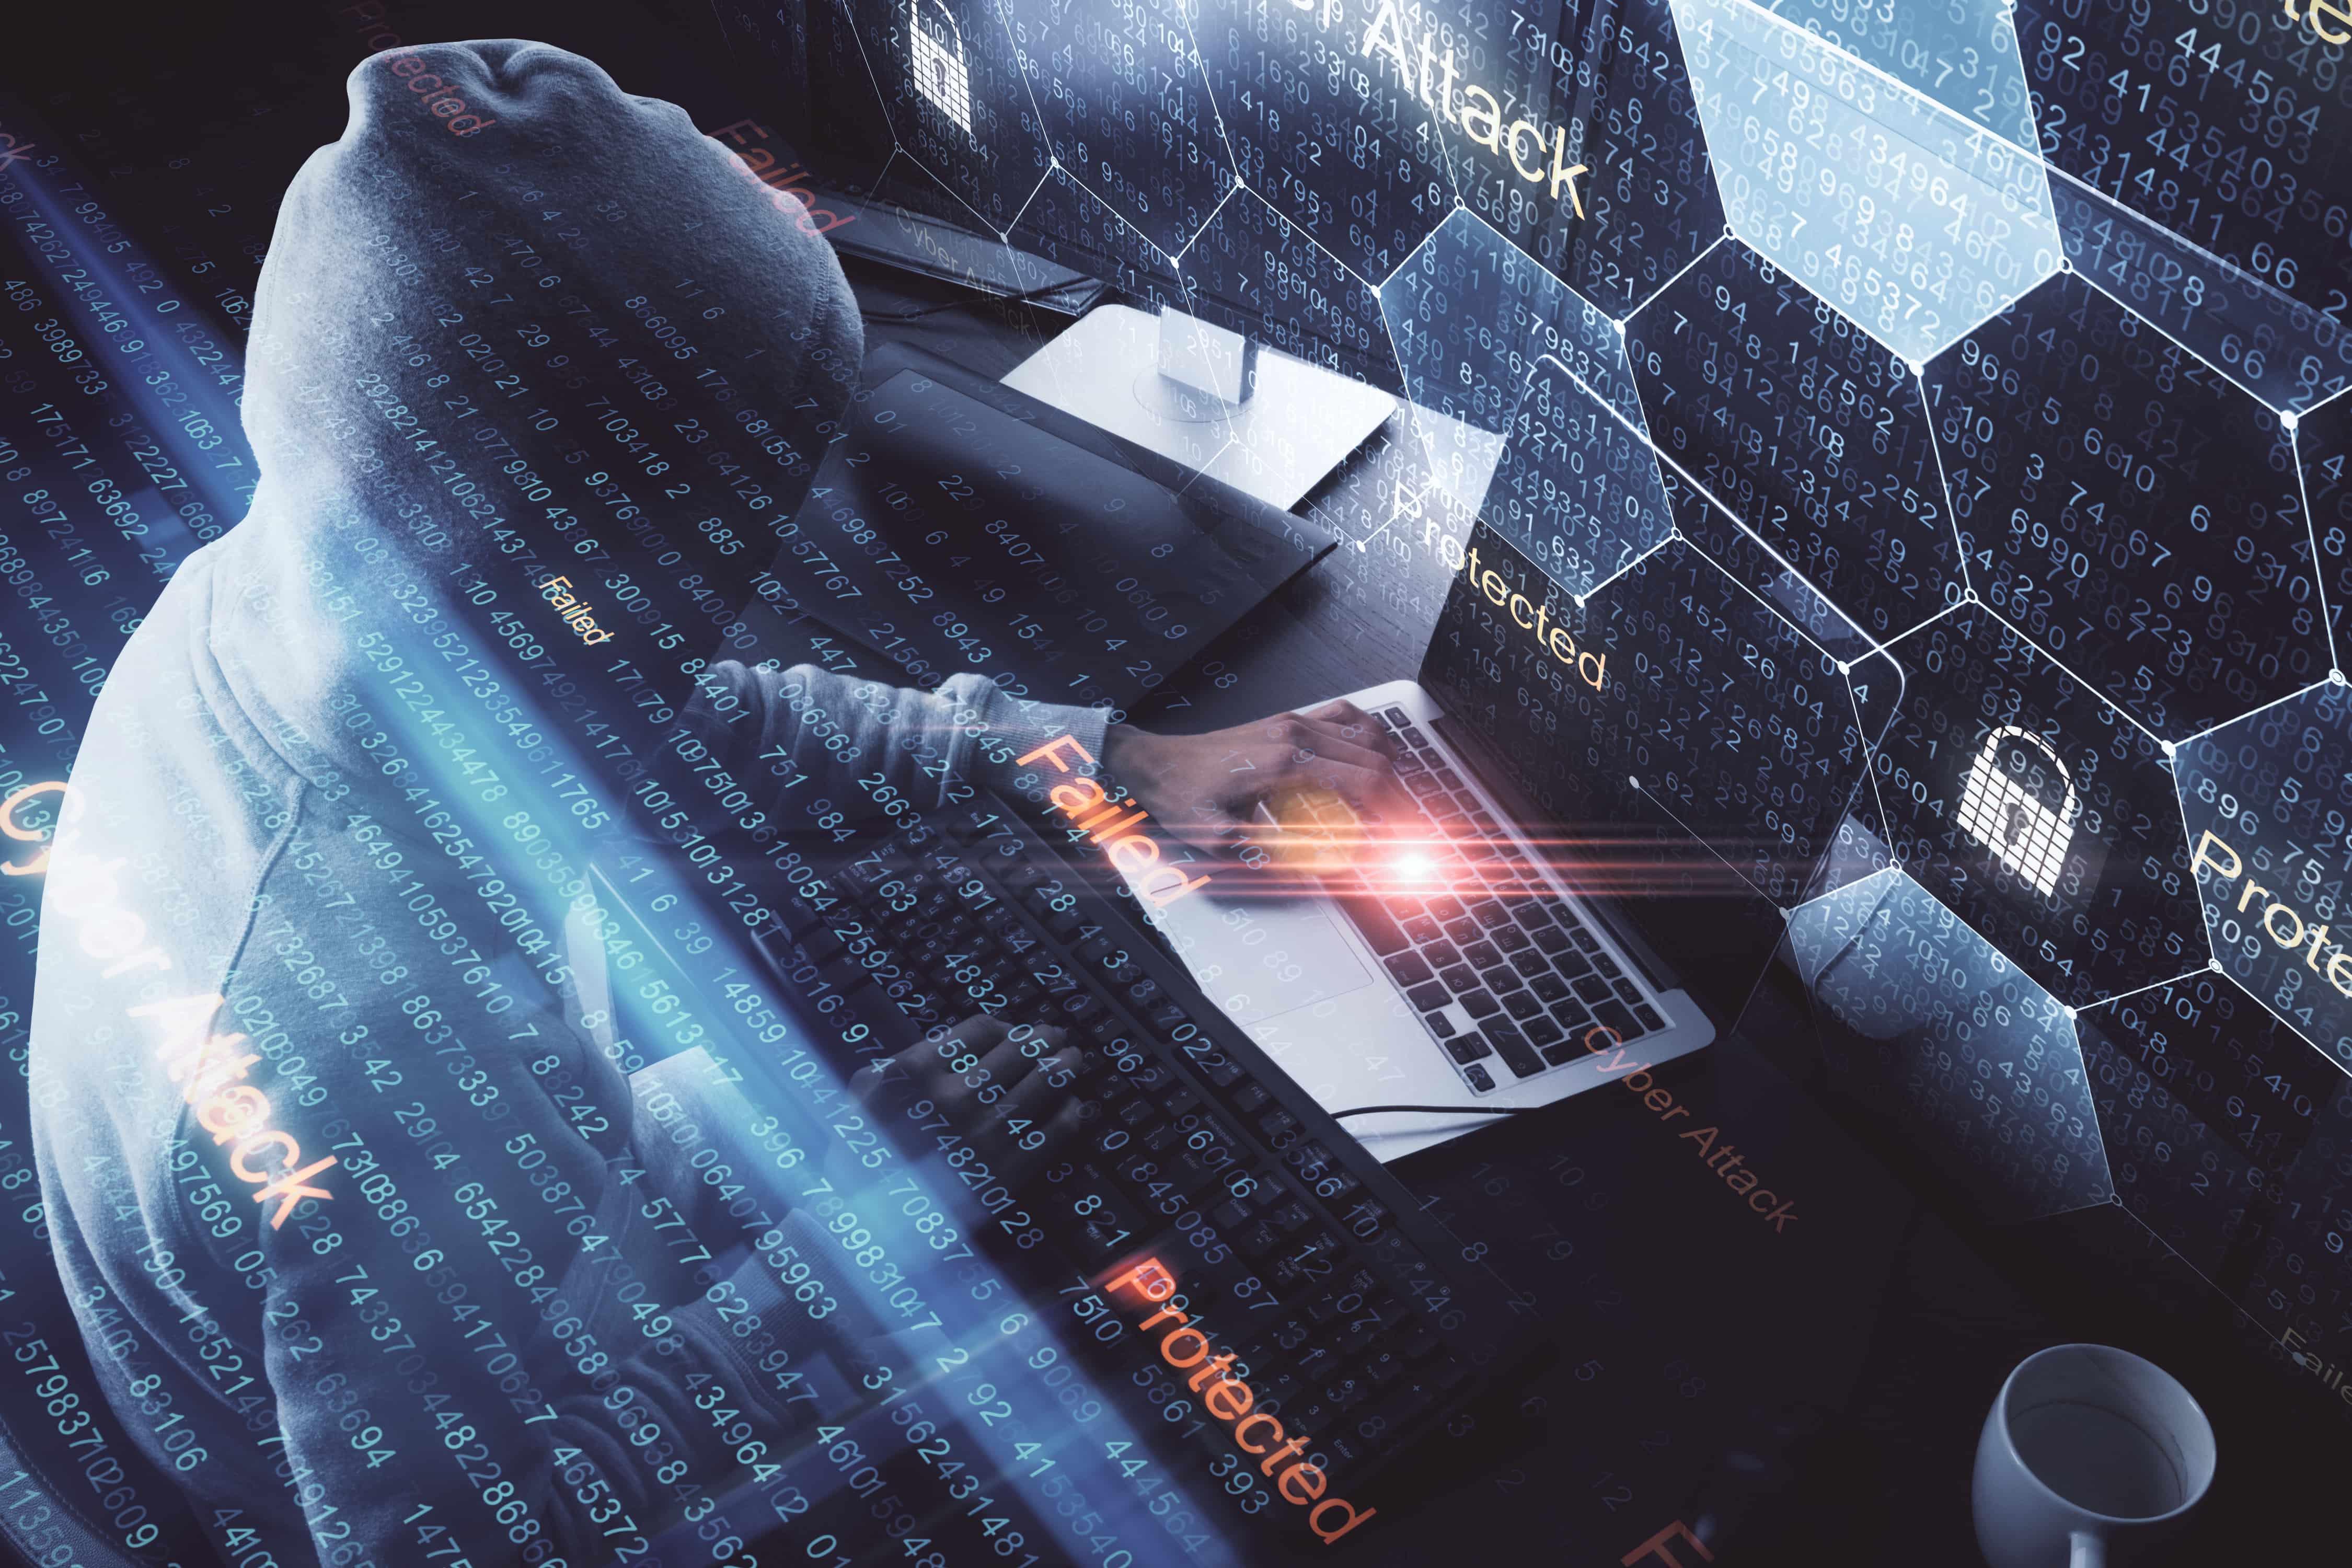 Imagem mostra uma pessoa tentando invadir um sistema e sendo bloqueado